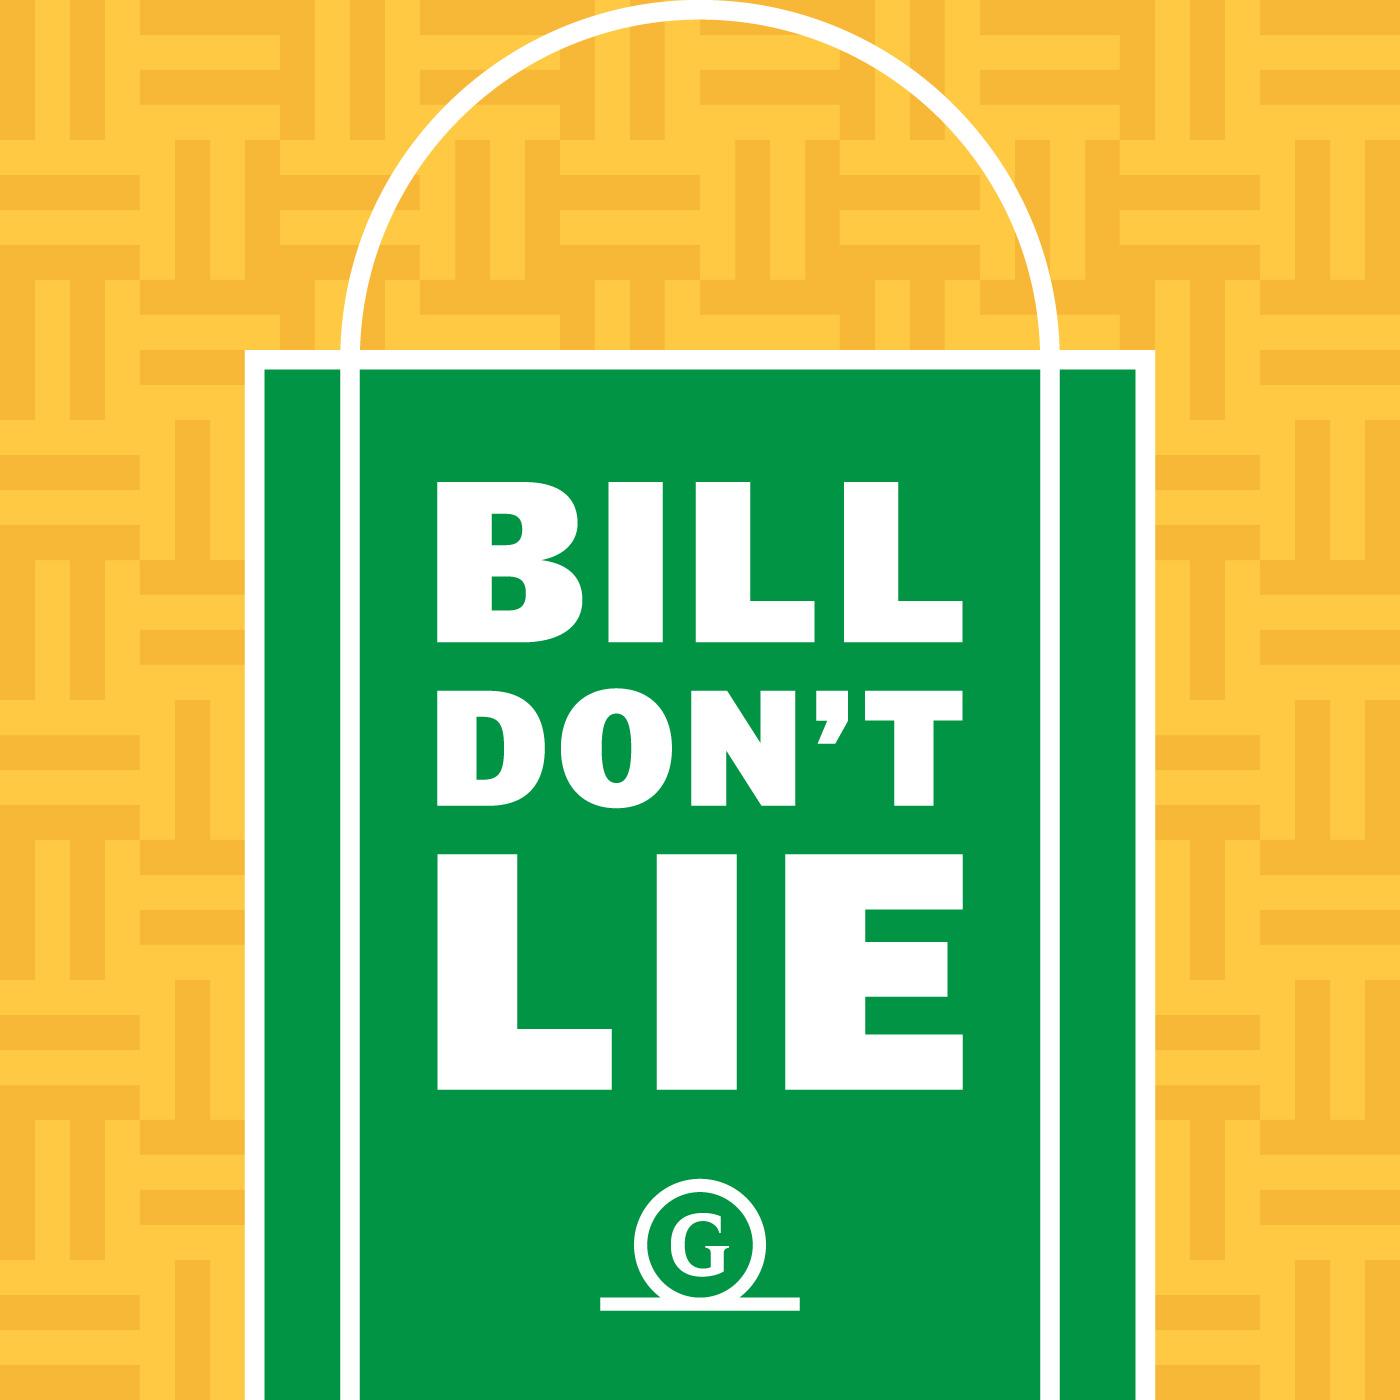 ESPN: Bill Don't Lie